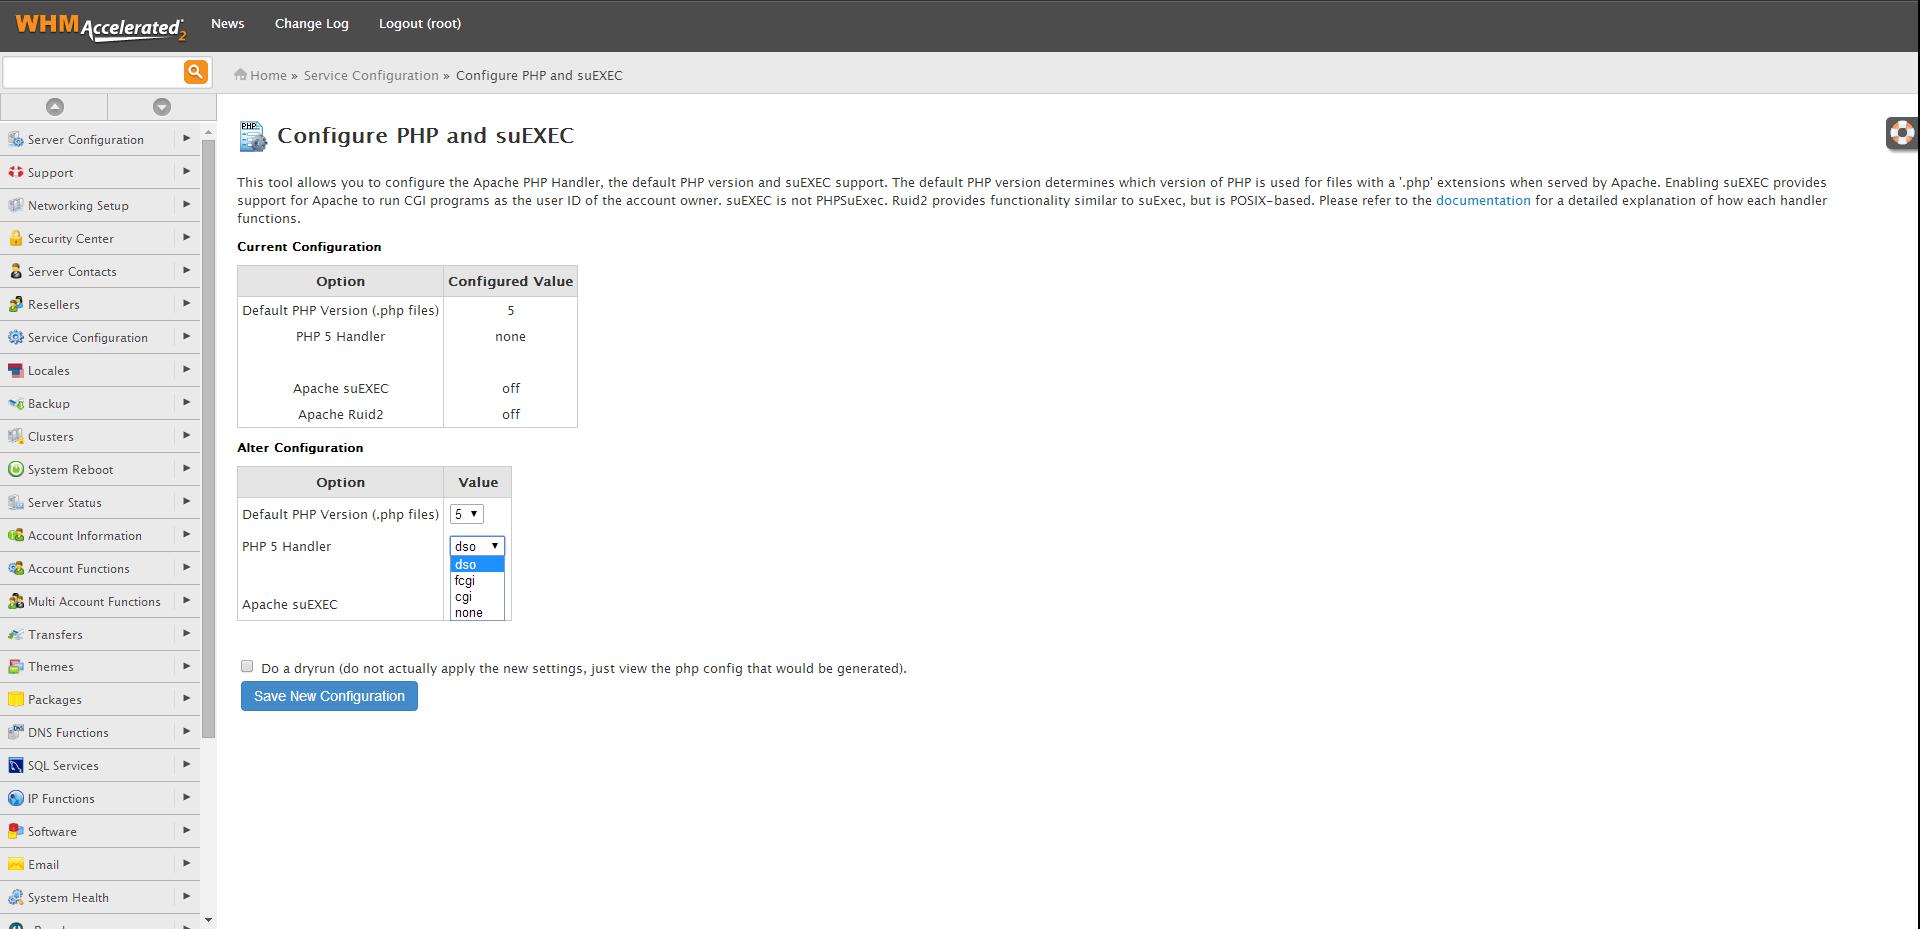 Configure PHP and suEXEC